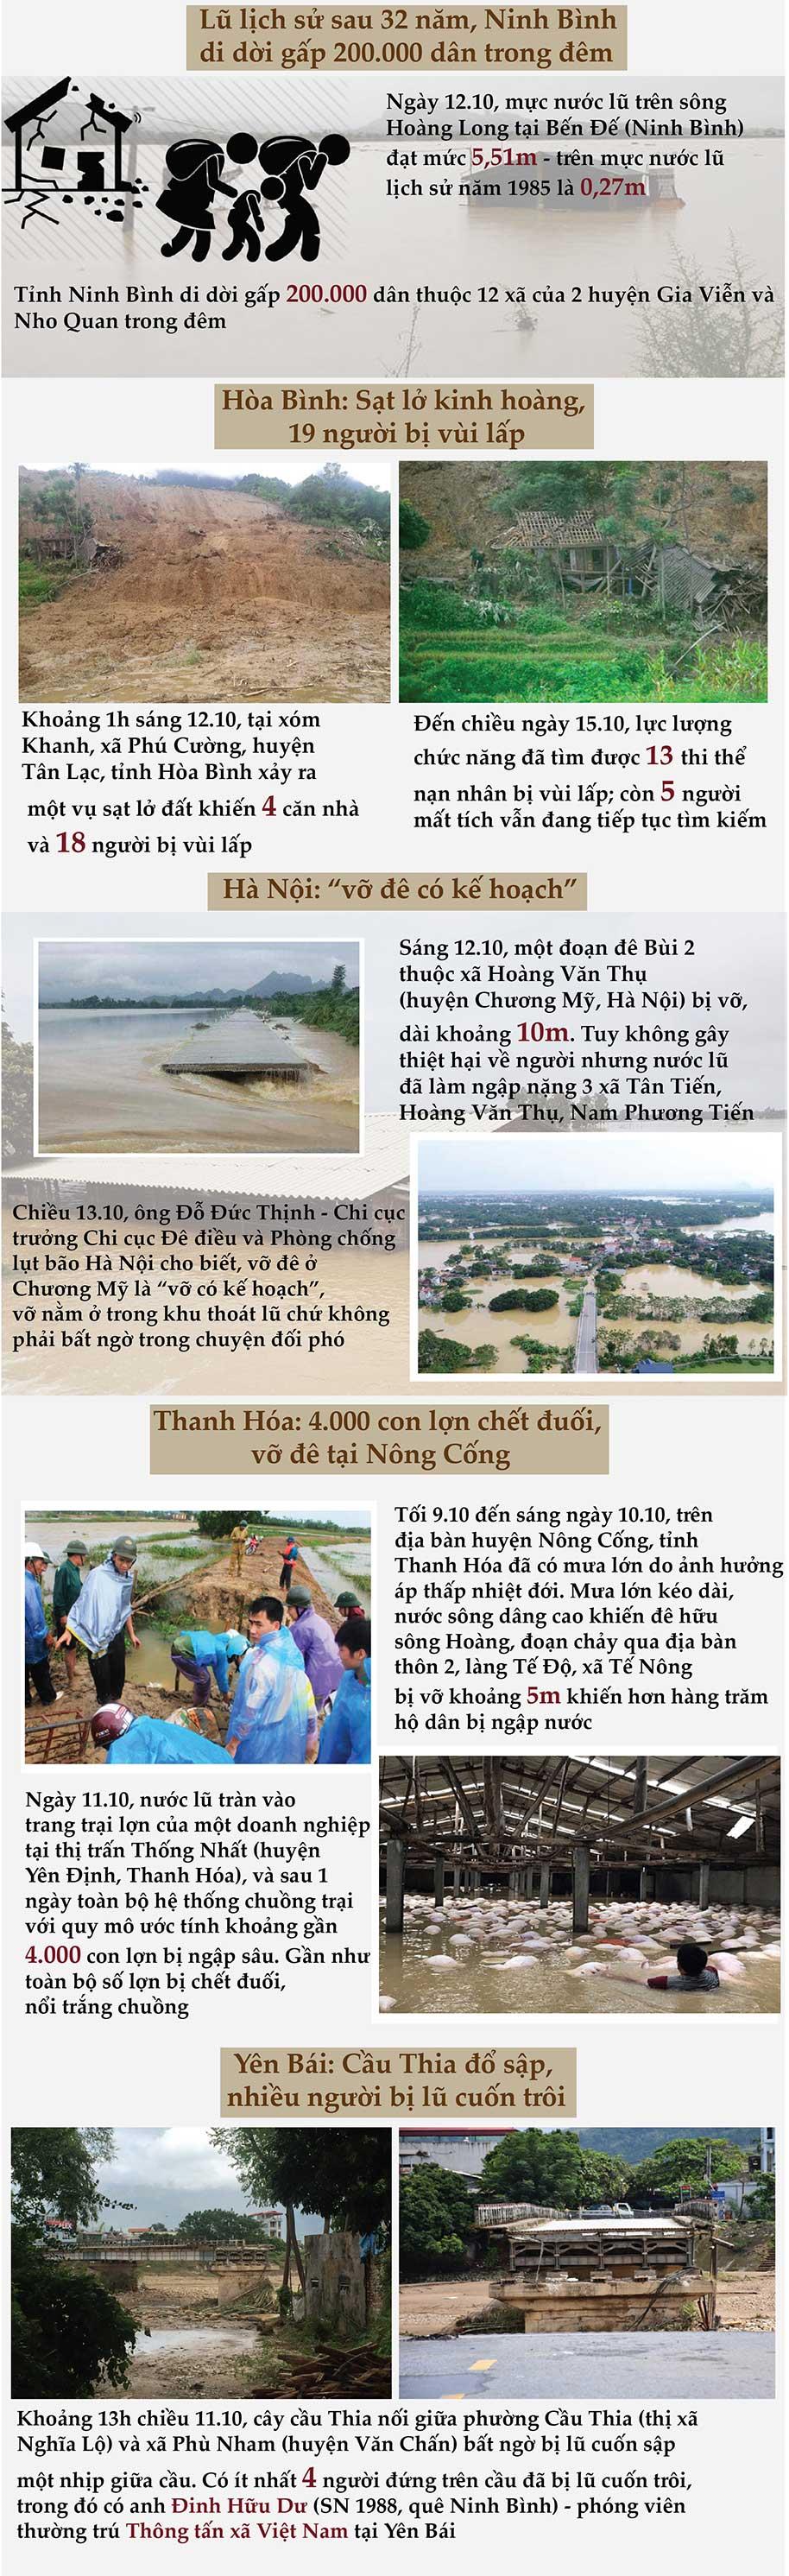 Toàn cảnh lũ lụt lịch sử: Những con số đau xót - 2